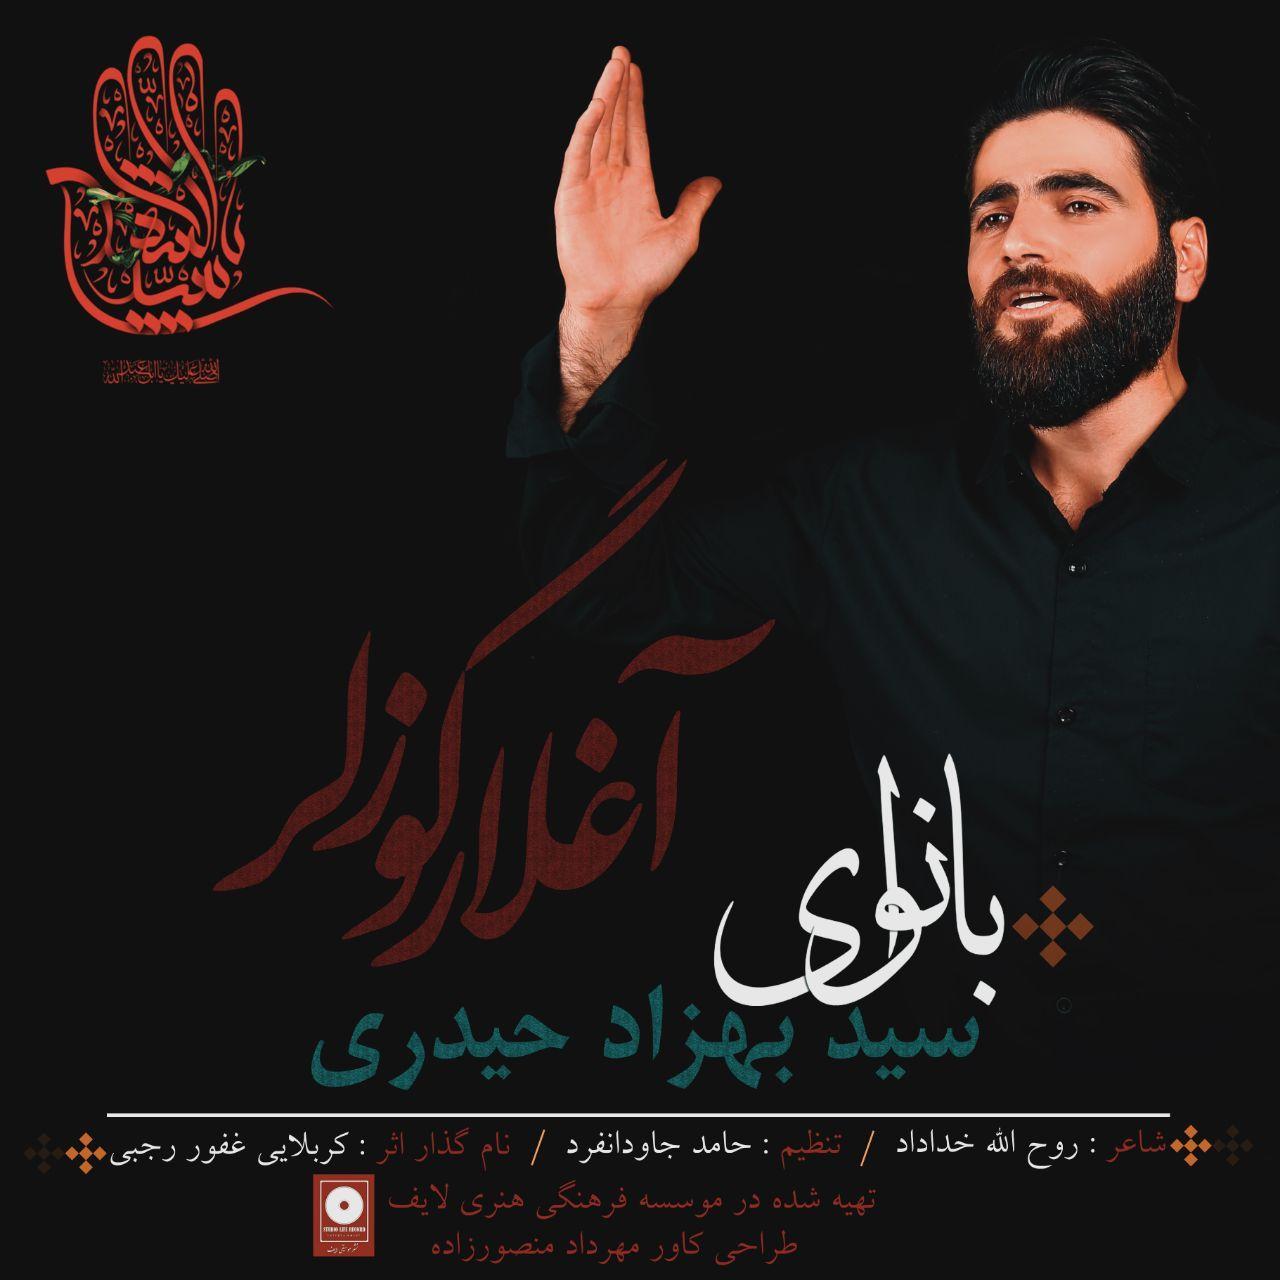 http://s17.picofile.com/file/8410682942/Behzad_Heydari_Aglar_Gozlar.jpg